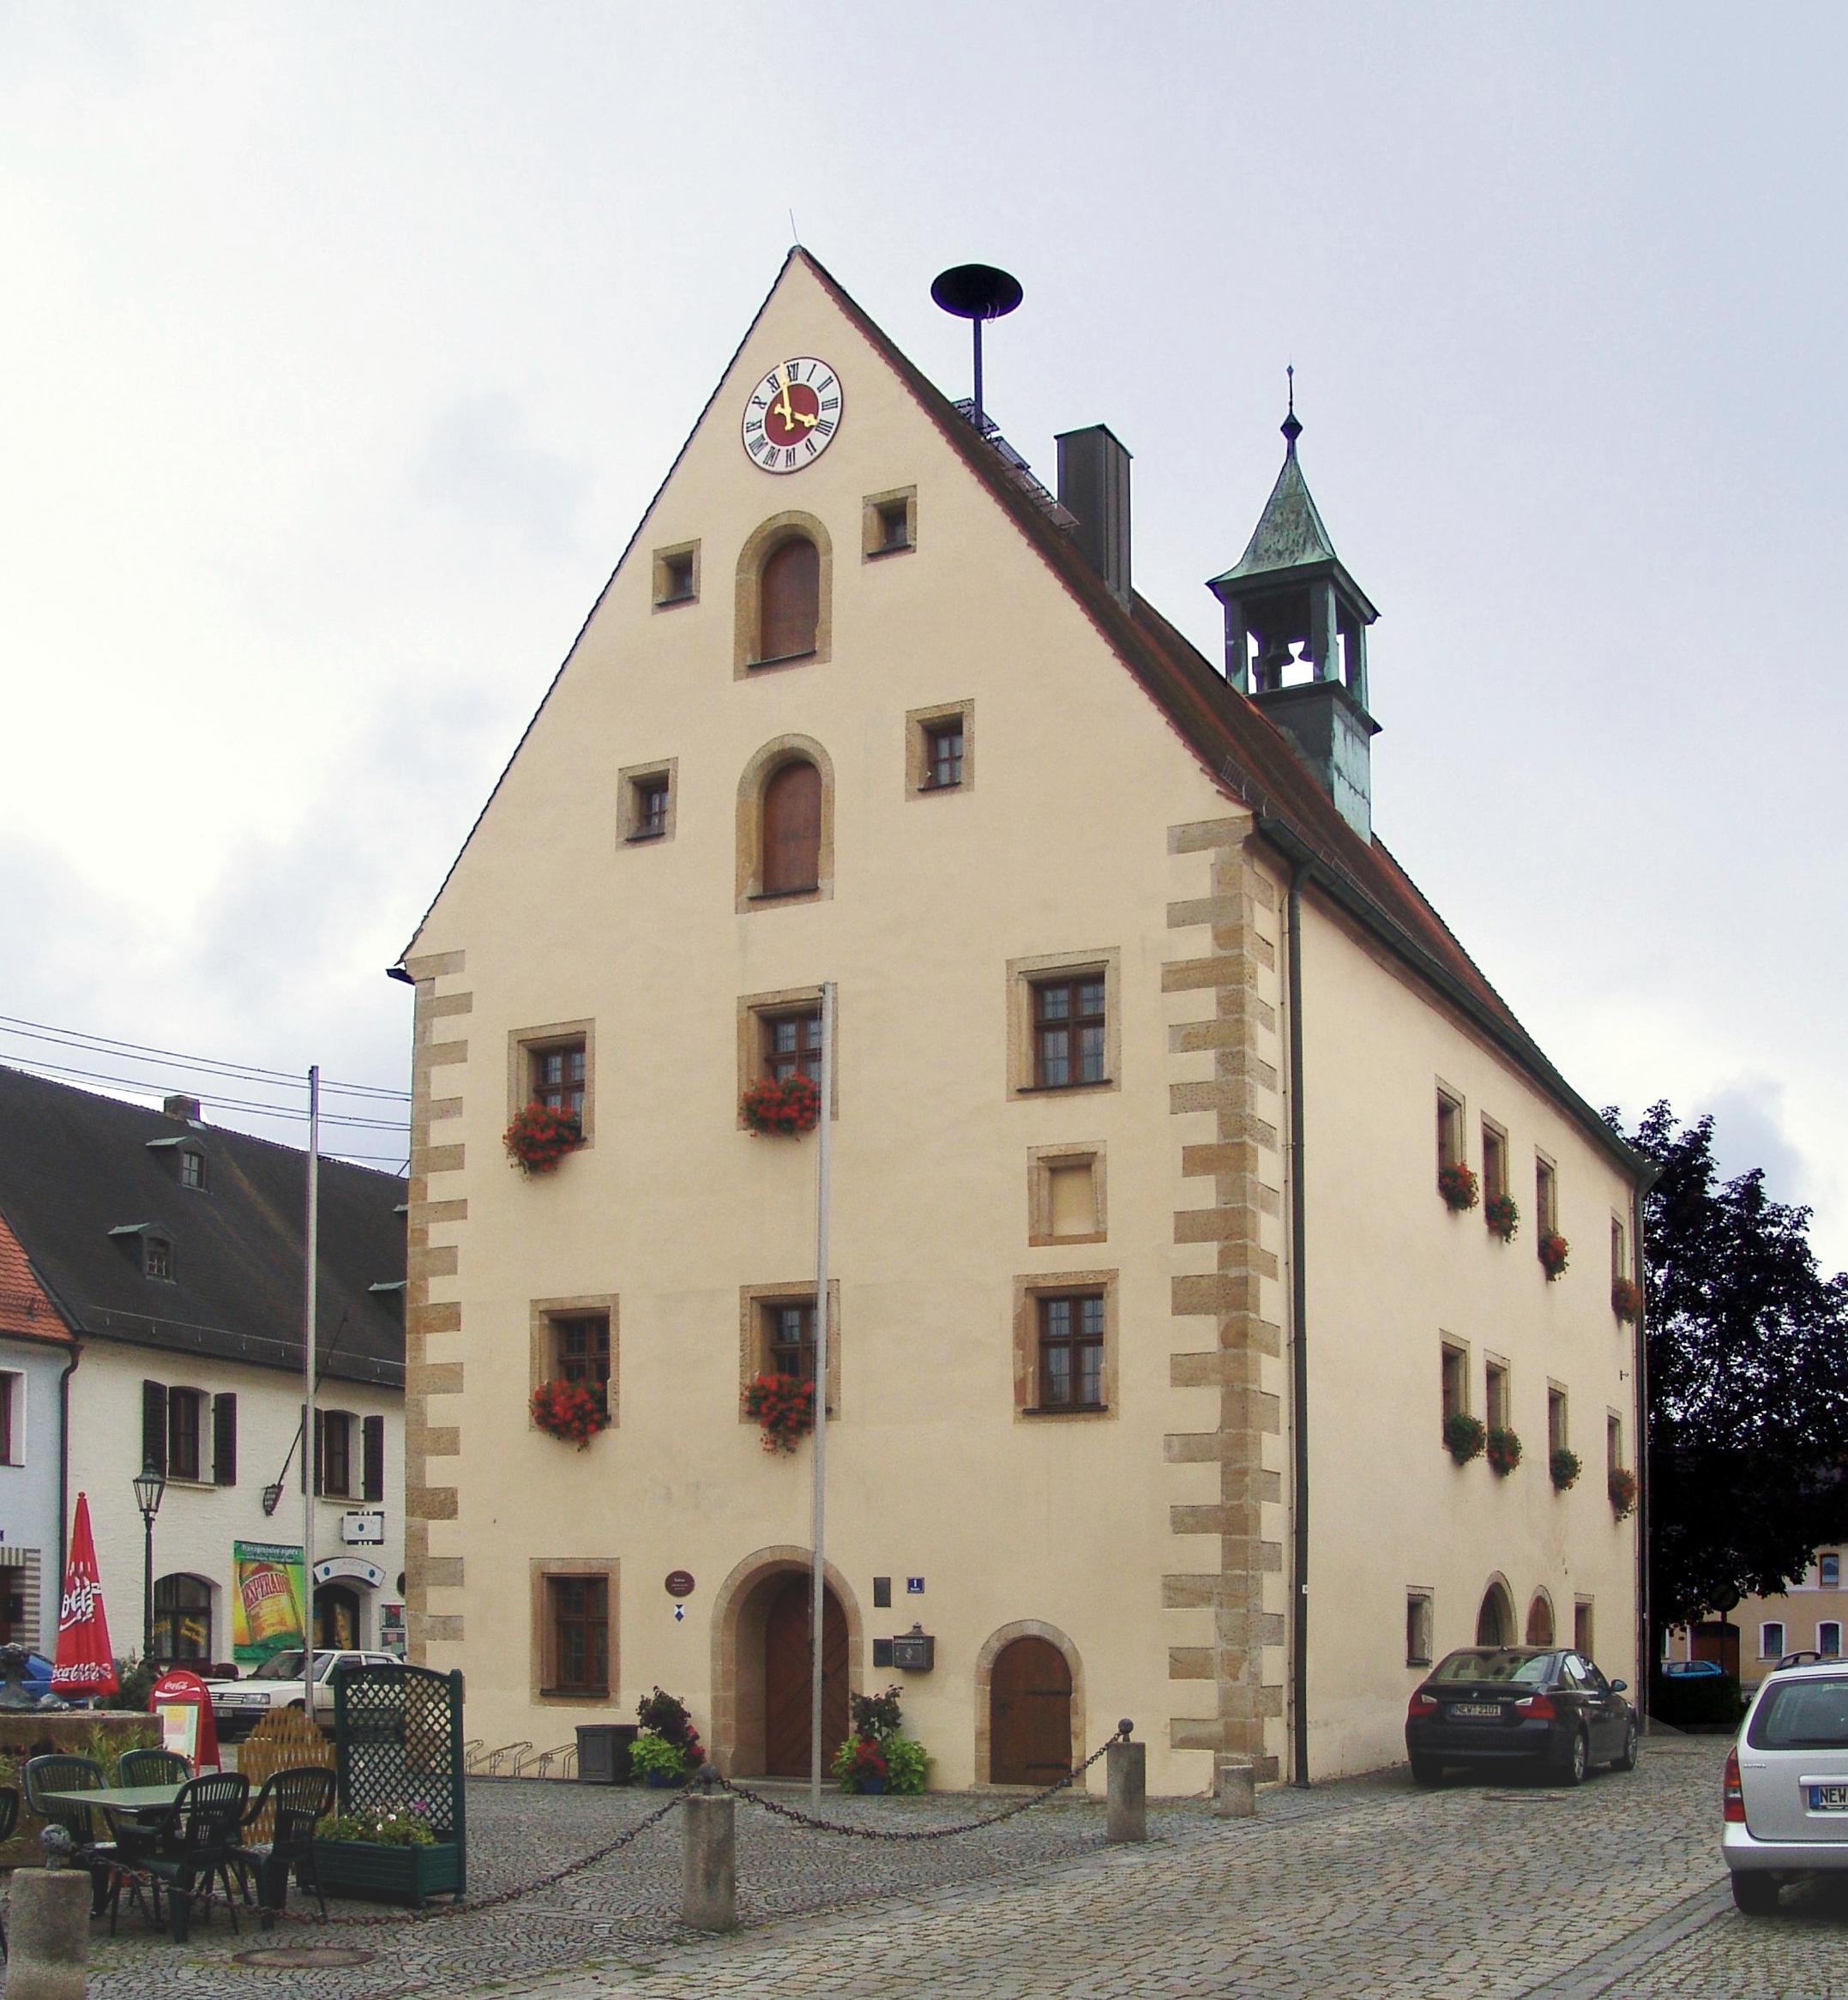 kislemez neustadt duna cantal egyetlen találkozó